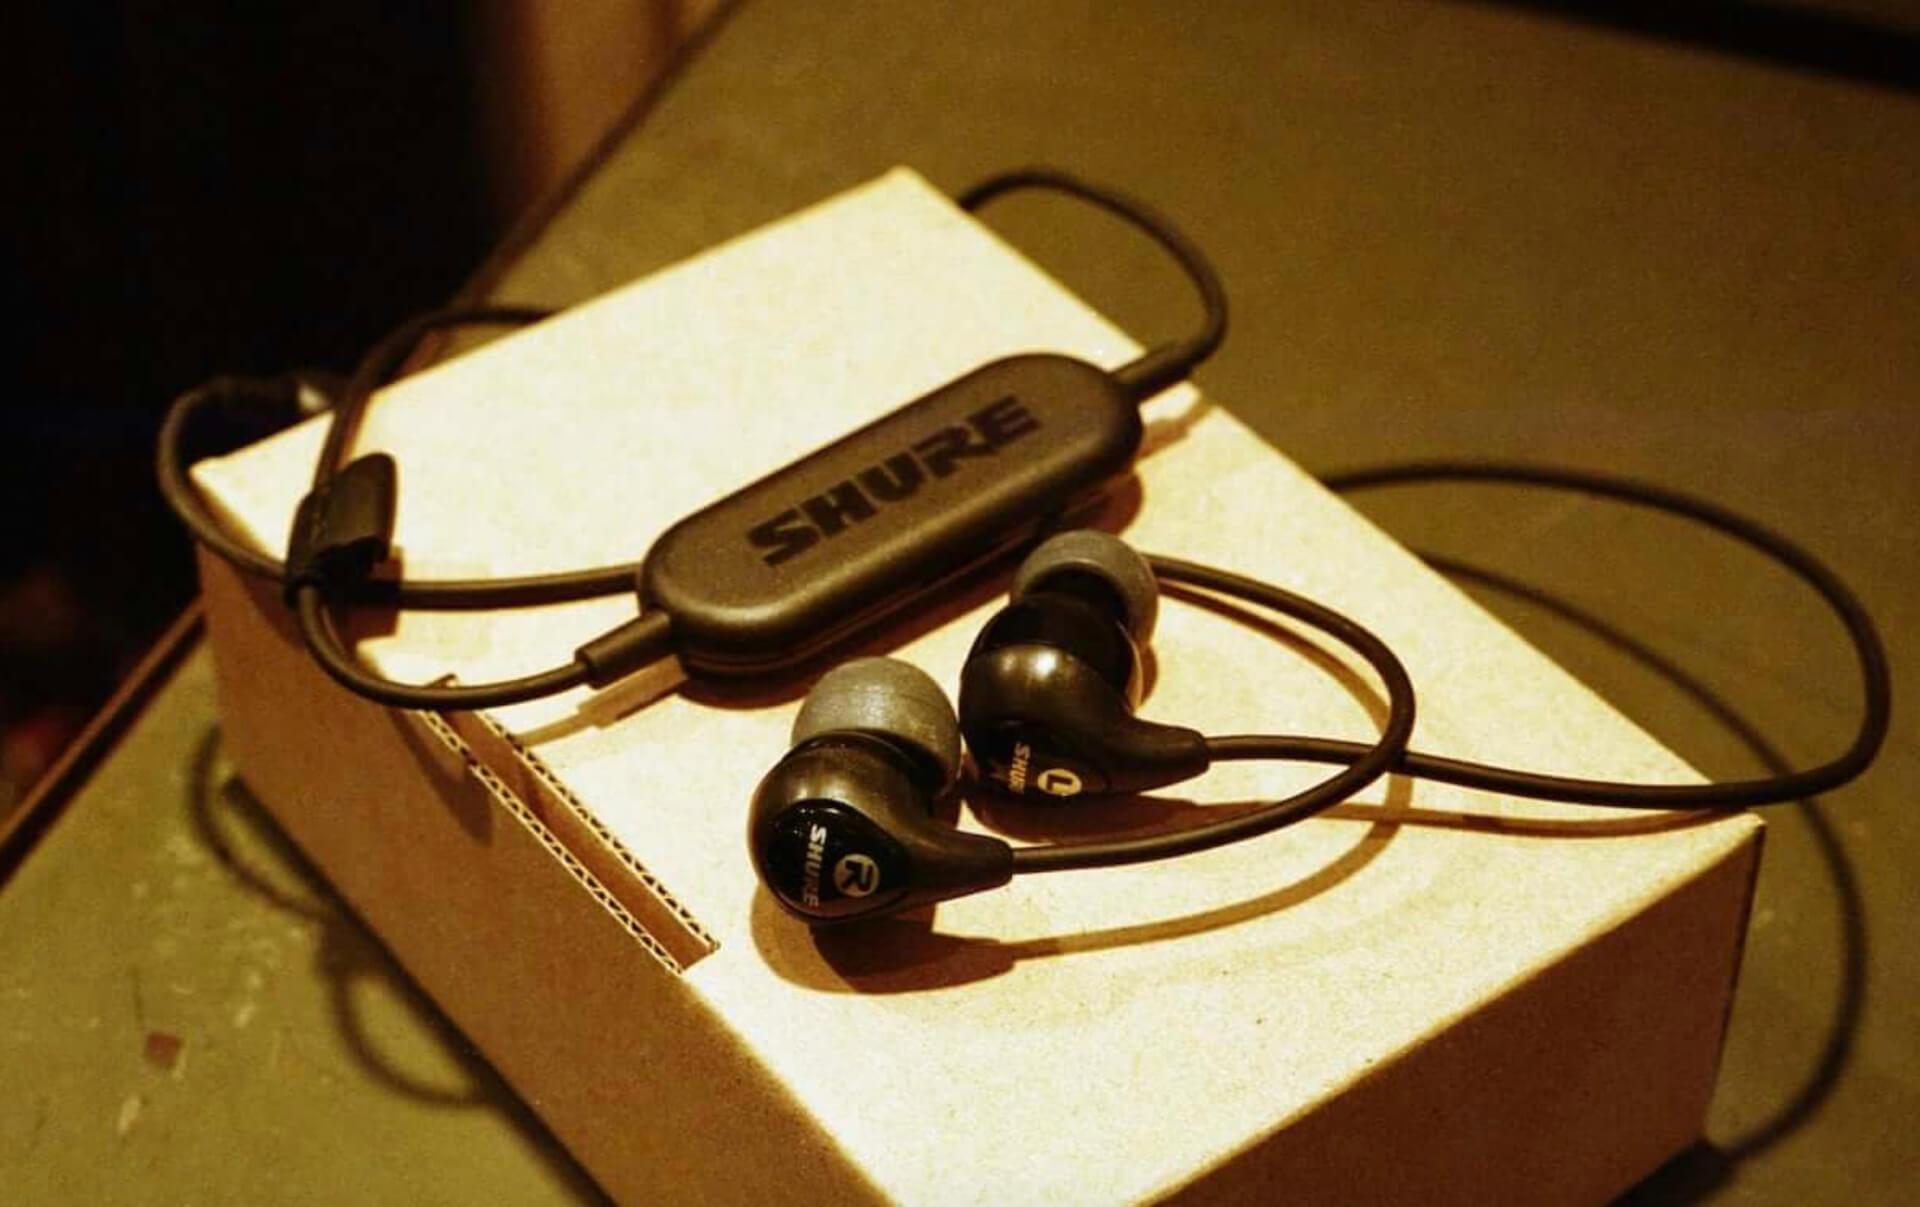 SHURE 座談会|TAAR×AAAMYYYがイヤホンを通して語る「聴く」ことへのこだわり interview190302-4-1